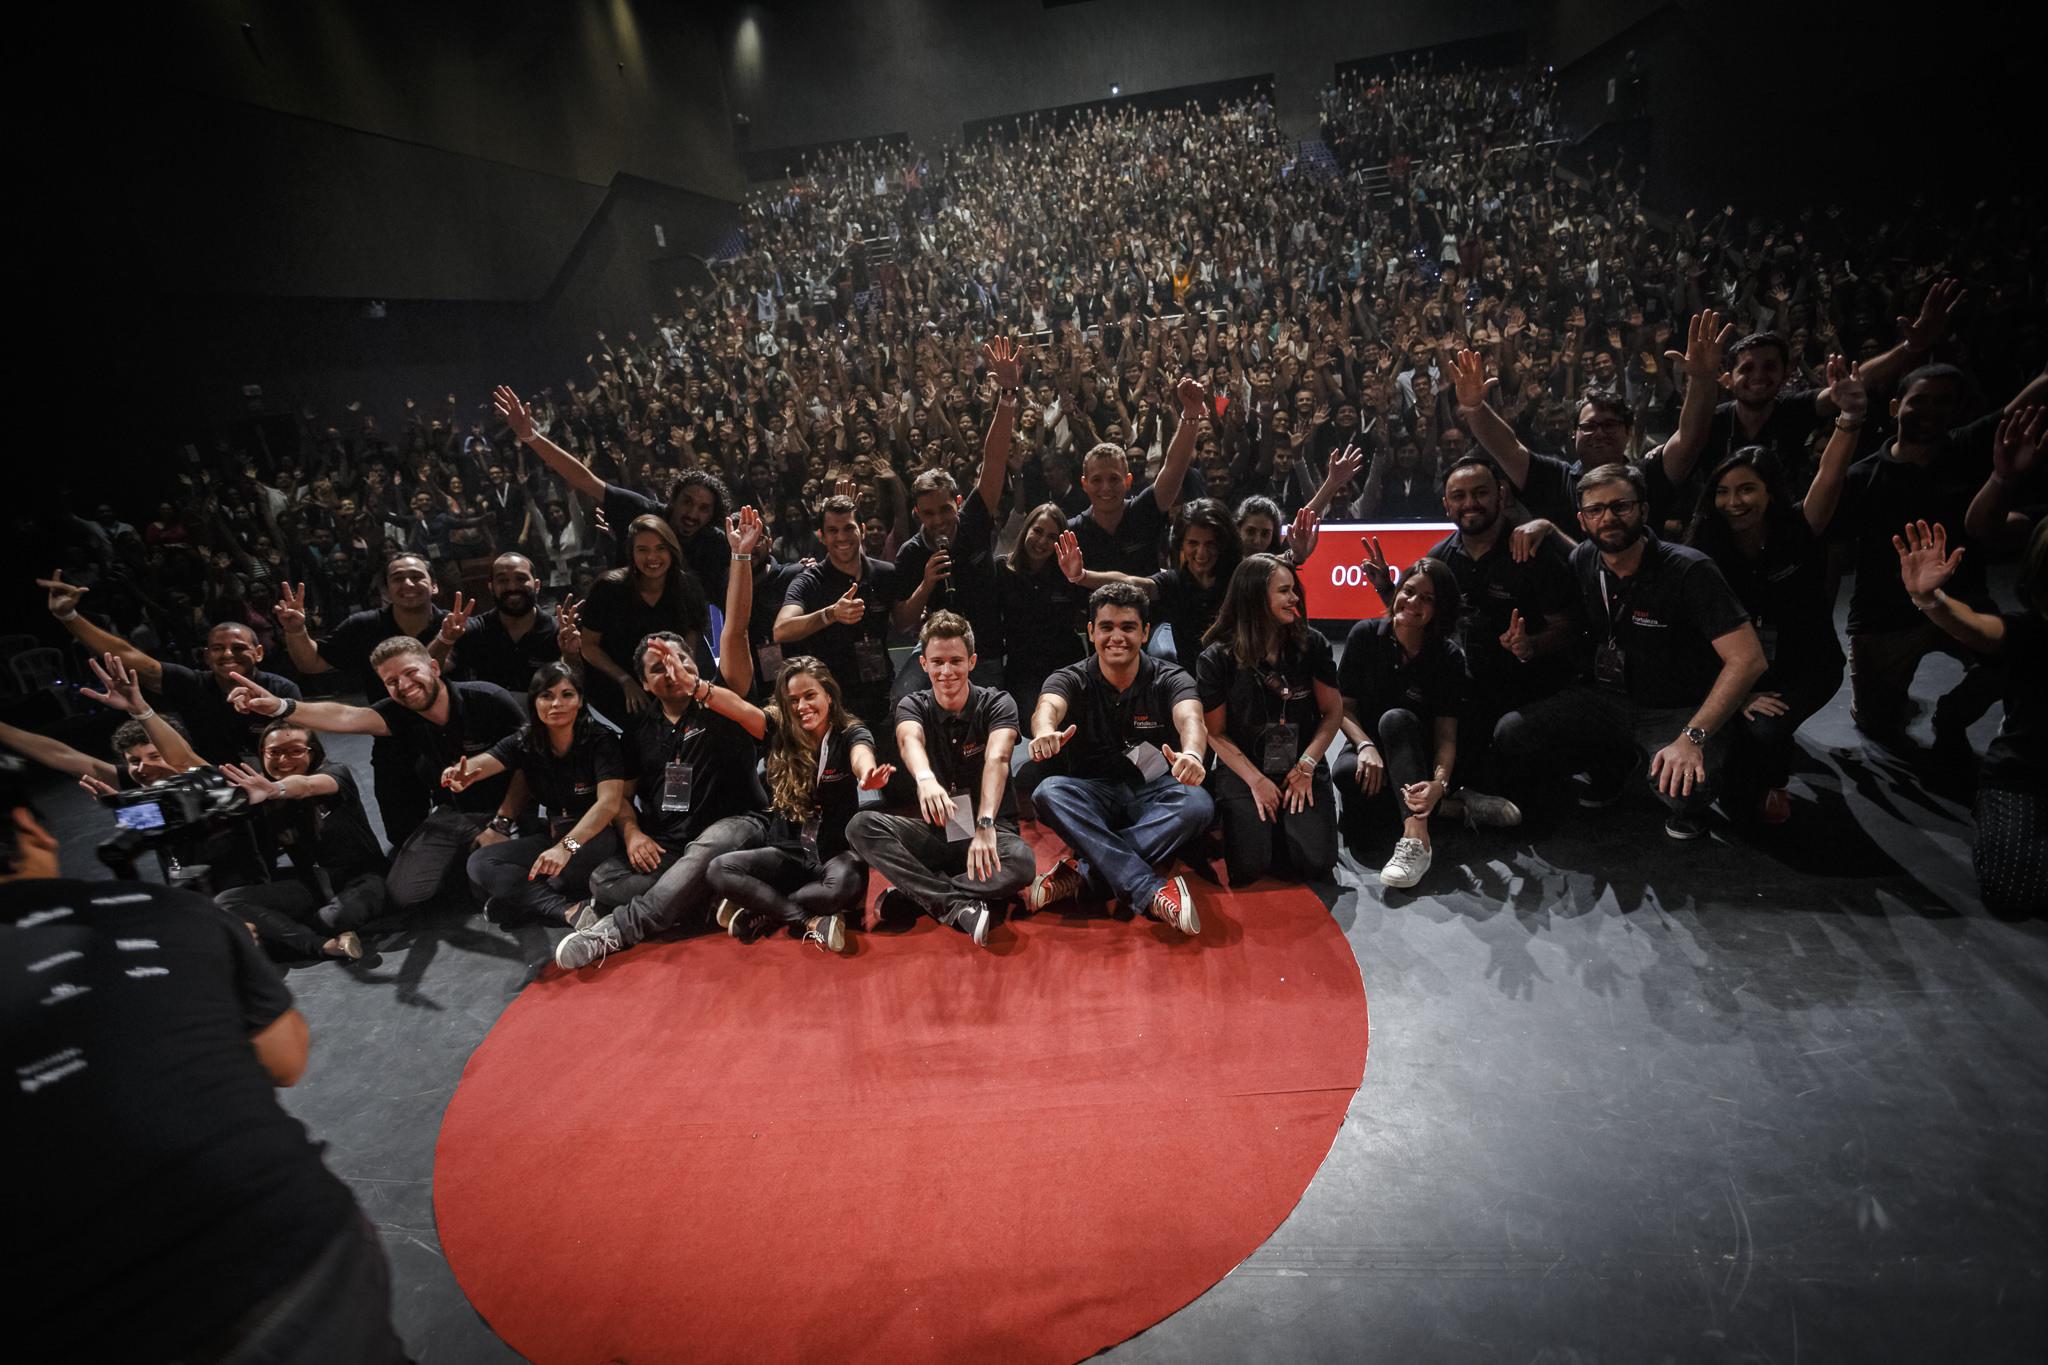 Um time extraordinário - Todos os anos, jovens voluntários se reunem para organizar o TEDxFortaleza. Pessoas que acreditam em um mundo melhor e dedicam parte do seu tempo para tornar esse projeto uma realidade.